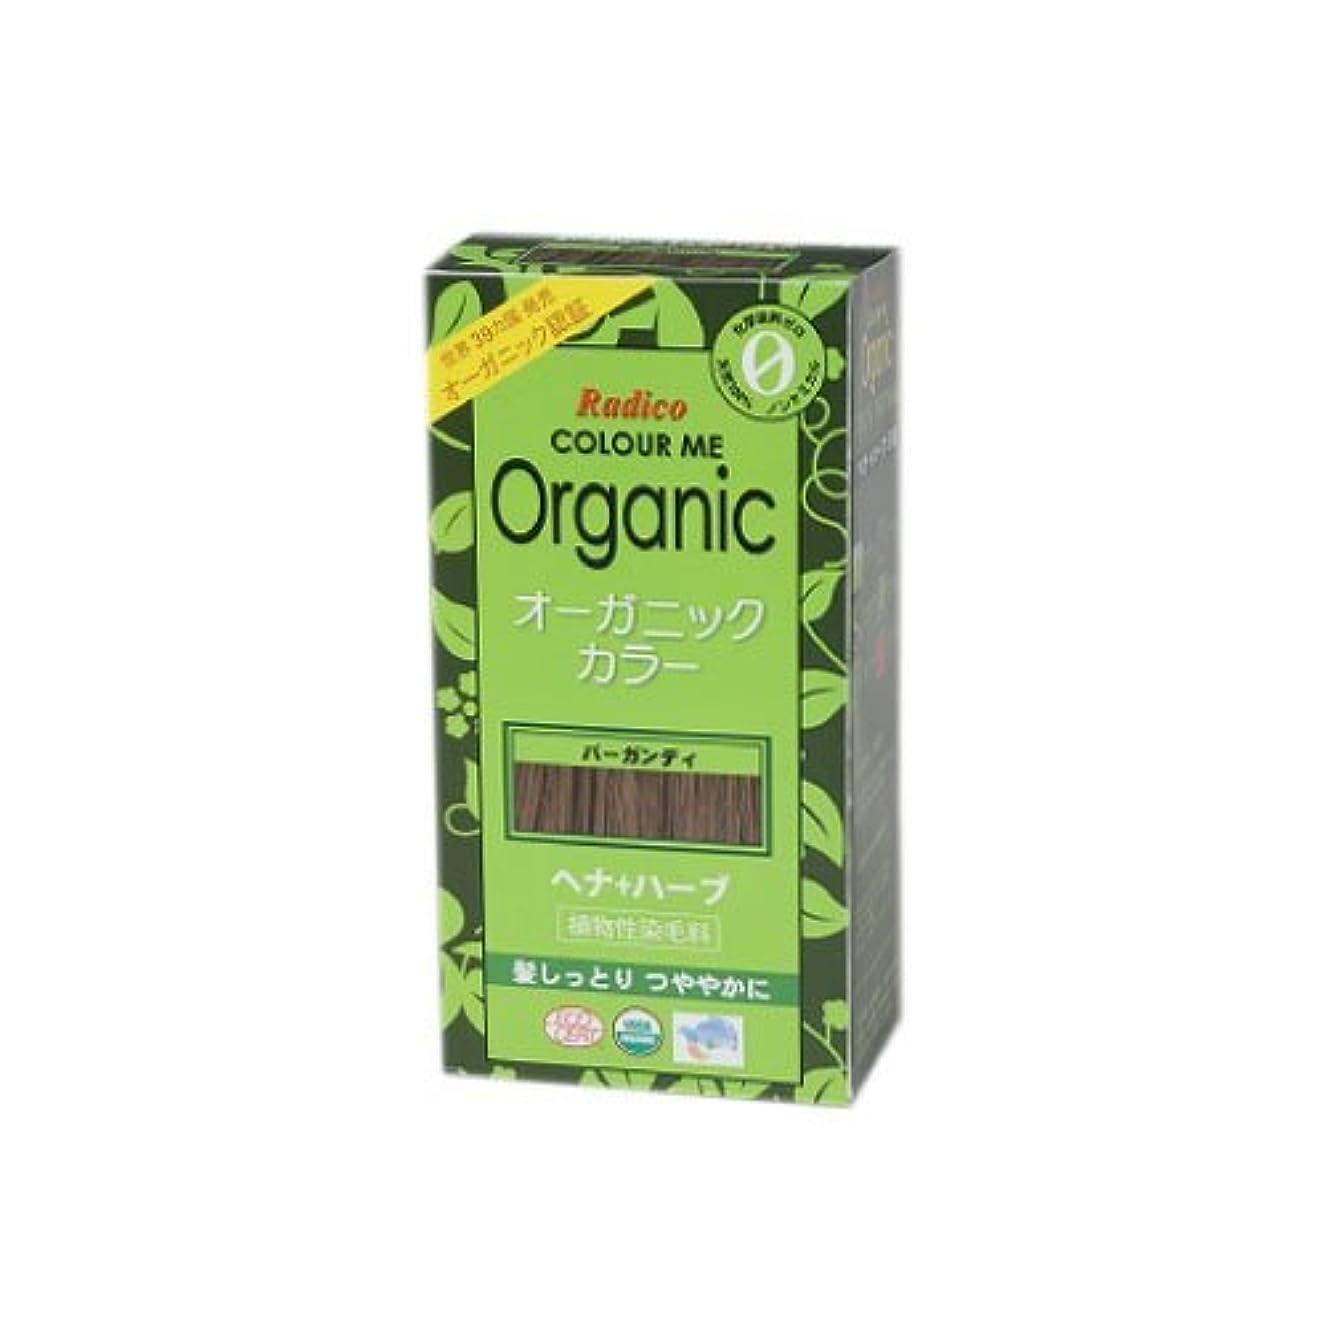 名門計画ガレージCOLOURME Organic (カラーミーオーガニック ヘナ 白髪用) バーガンディ 100g